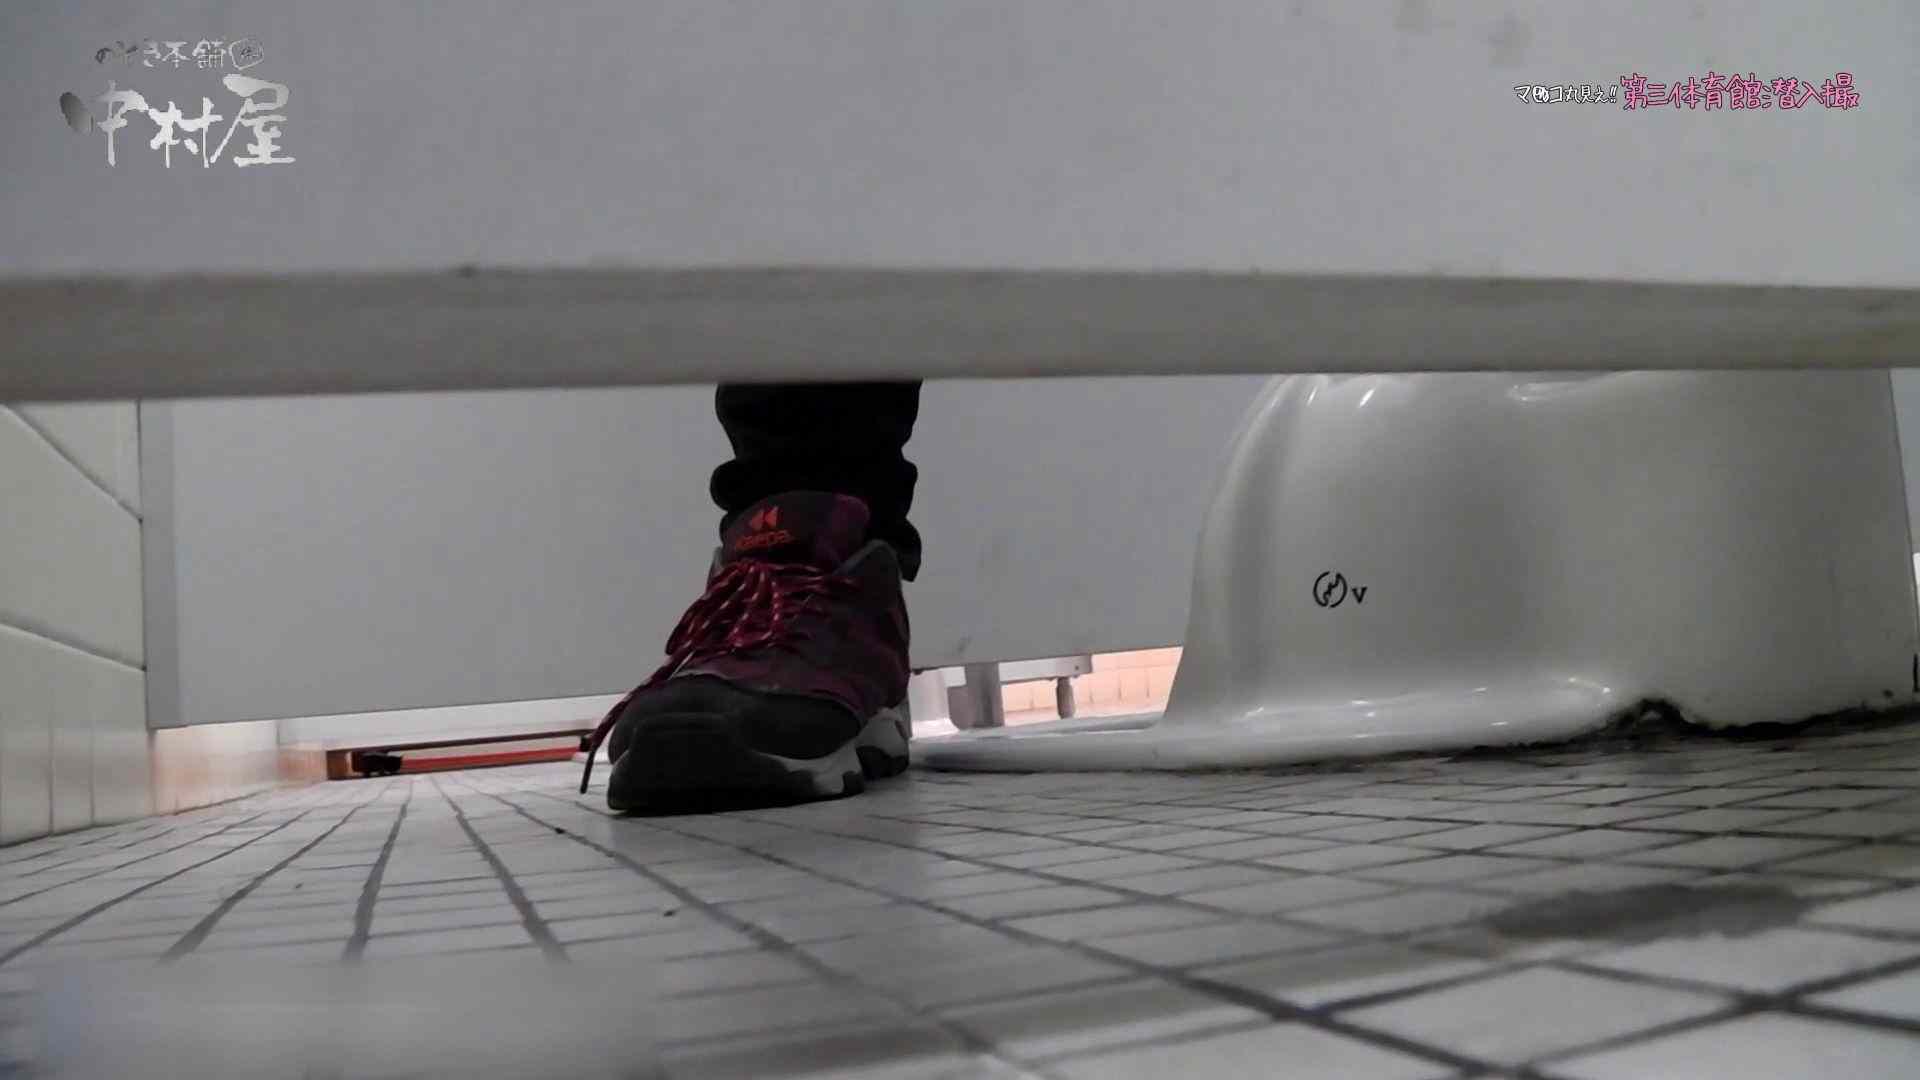 第三体育館File044長身のバレー部員が目の前の個室に入ってくれました。後編 アスリート美女 エロ画像 64PIX 59